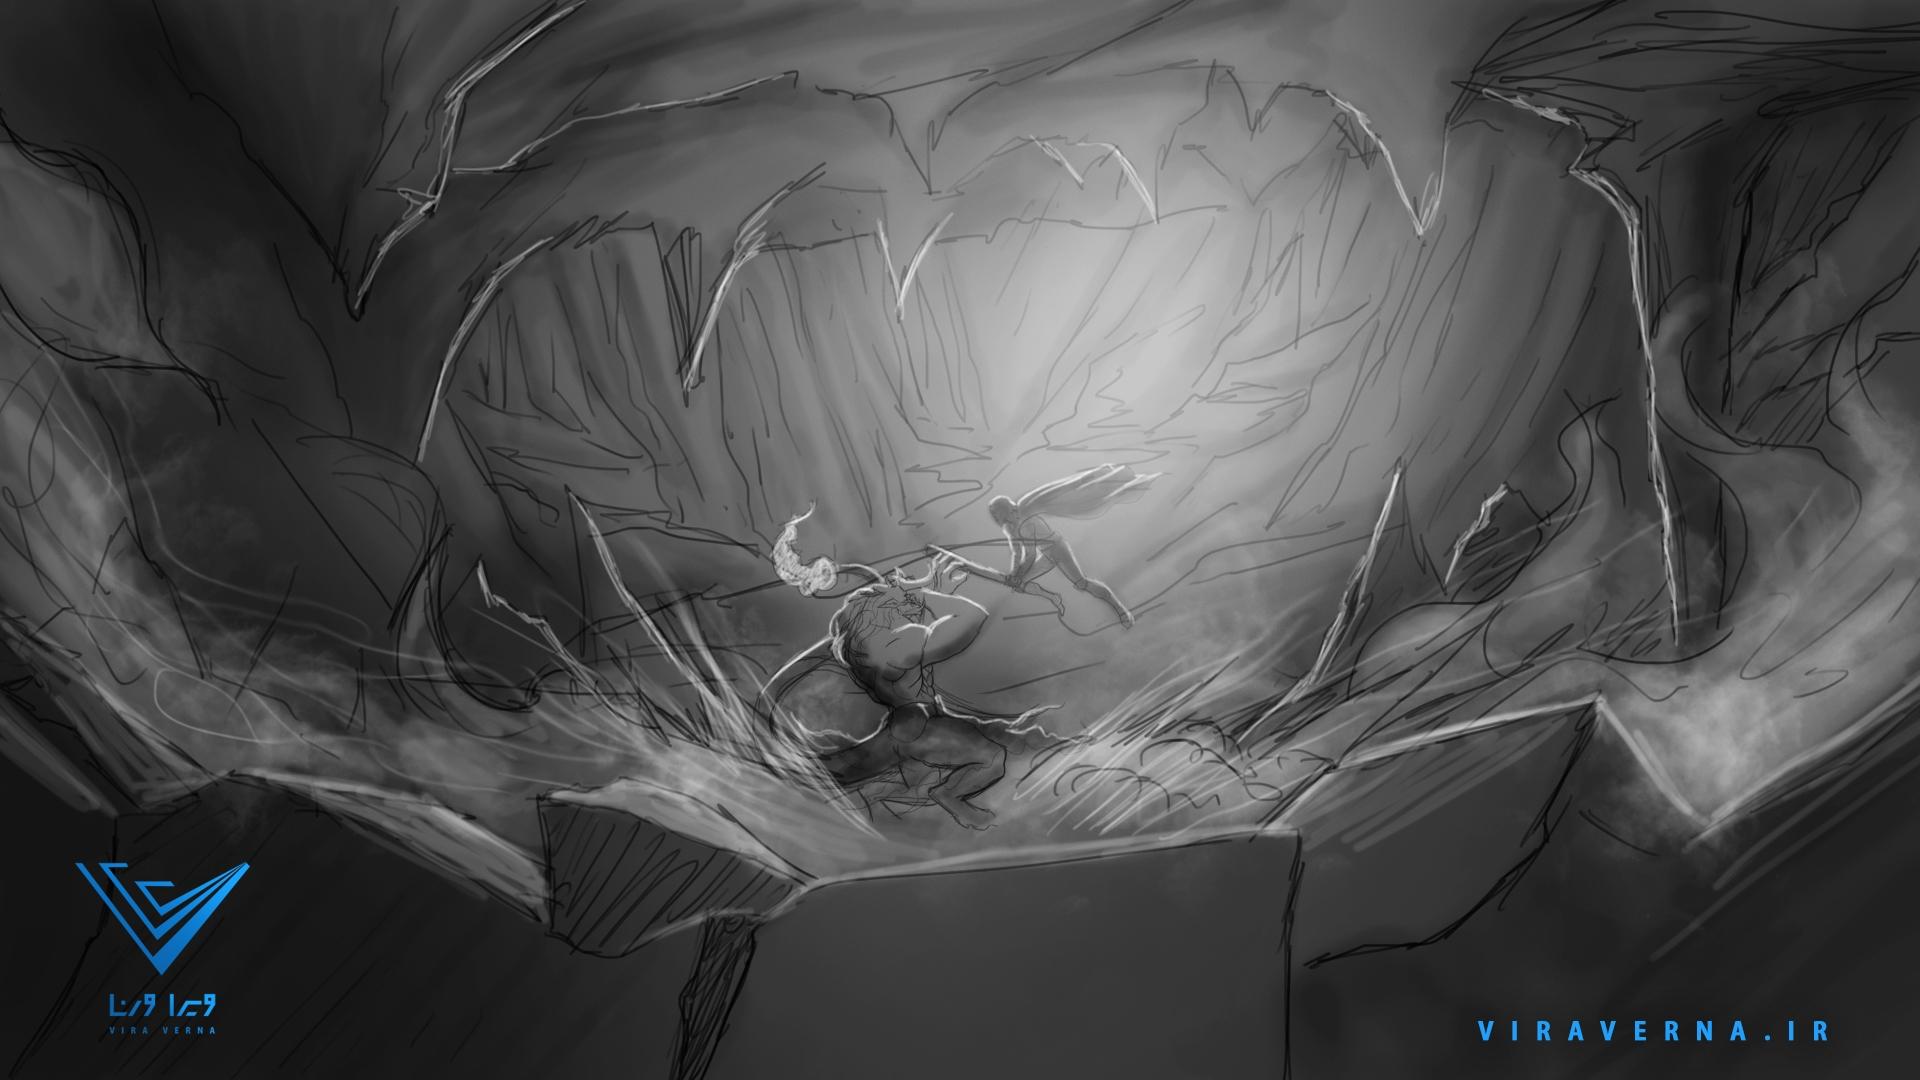 انیمیشن روز بزرگداشت فردوسی - استوری بورد دوازدهم